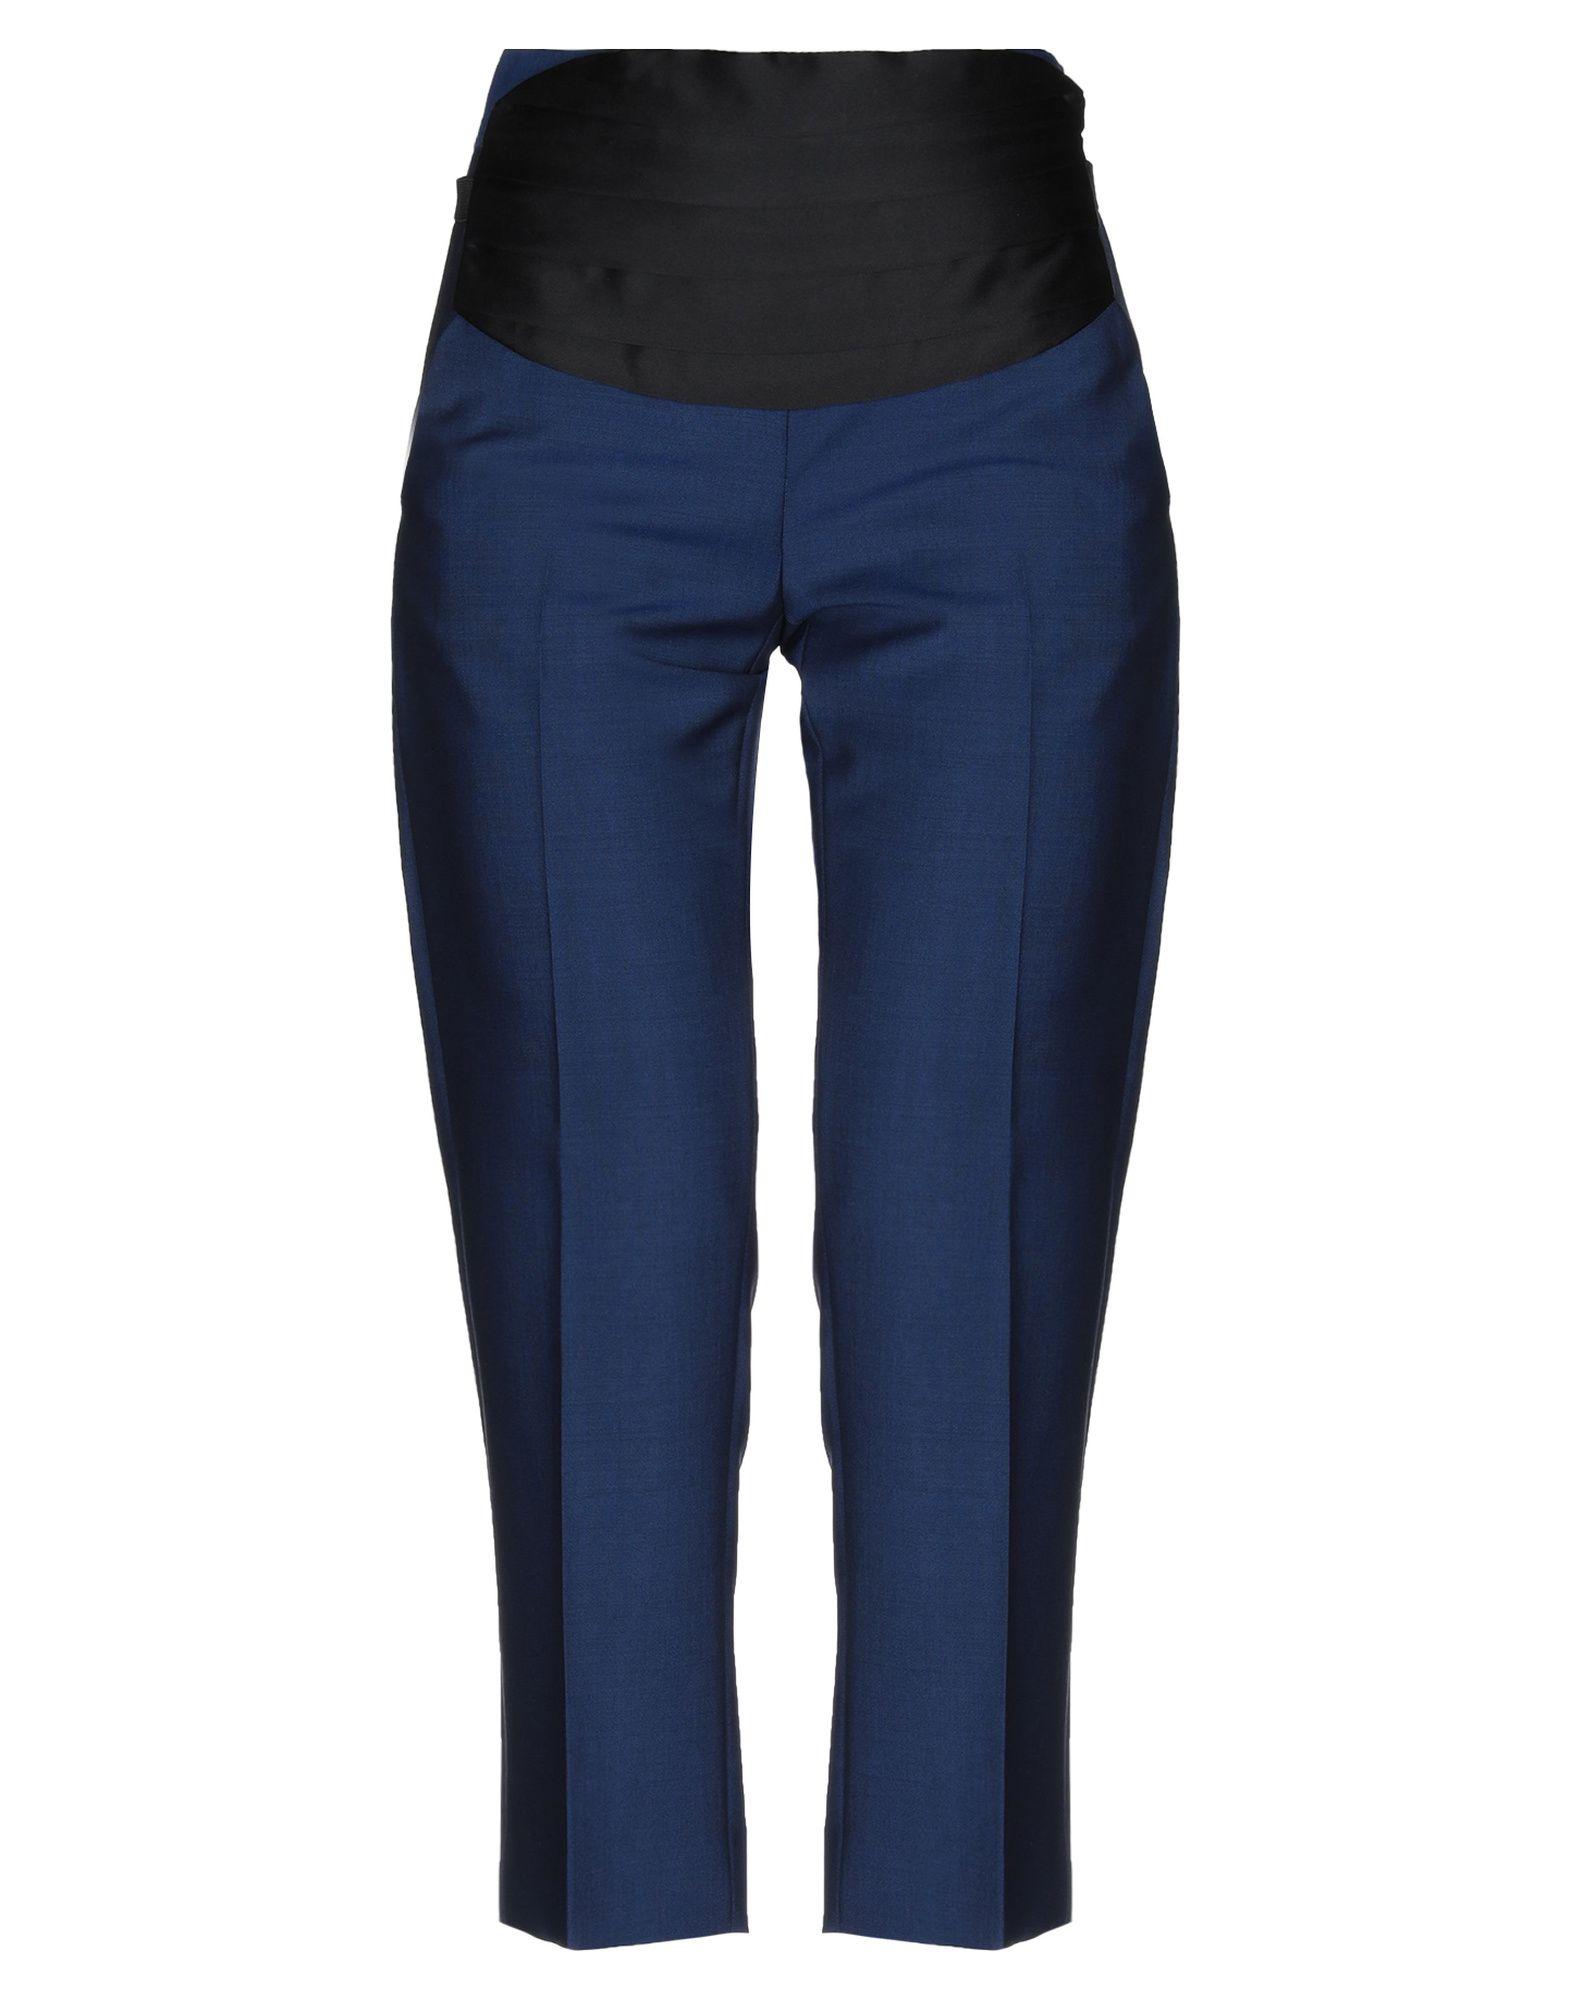 ACNE STUDIOS Повседневные брюки acne studios синий шерстяной шарф canada new